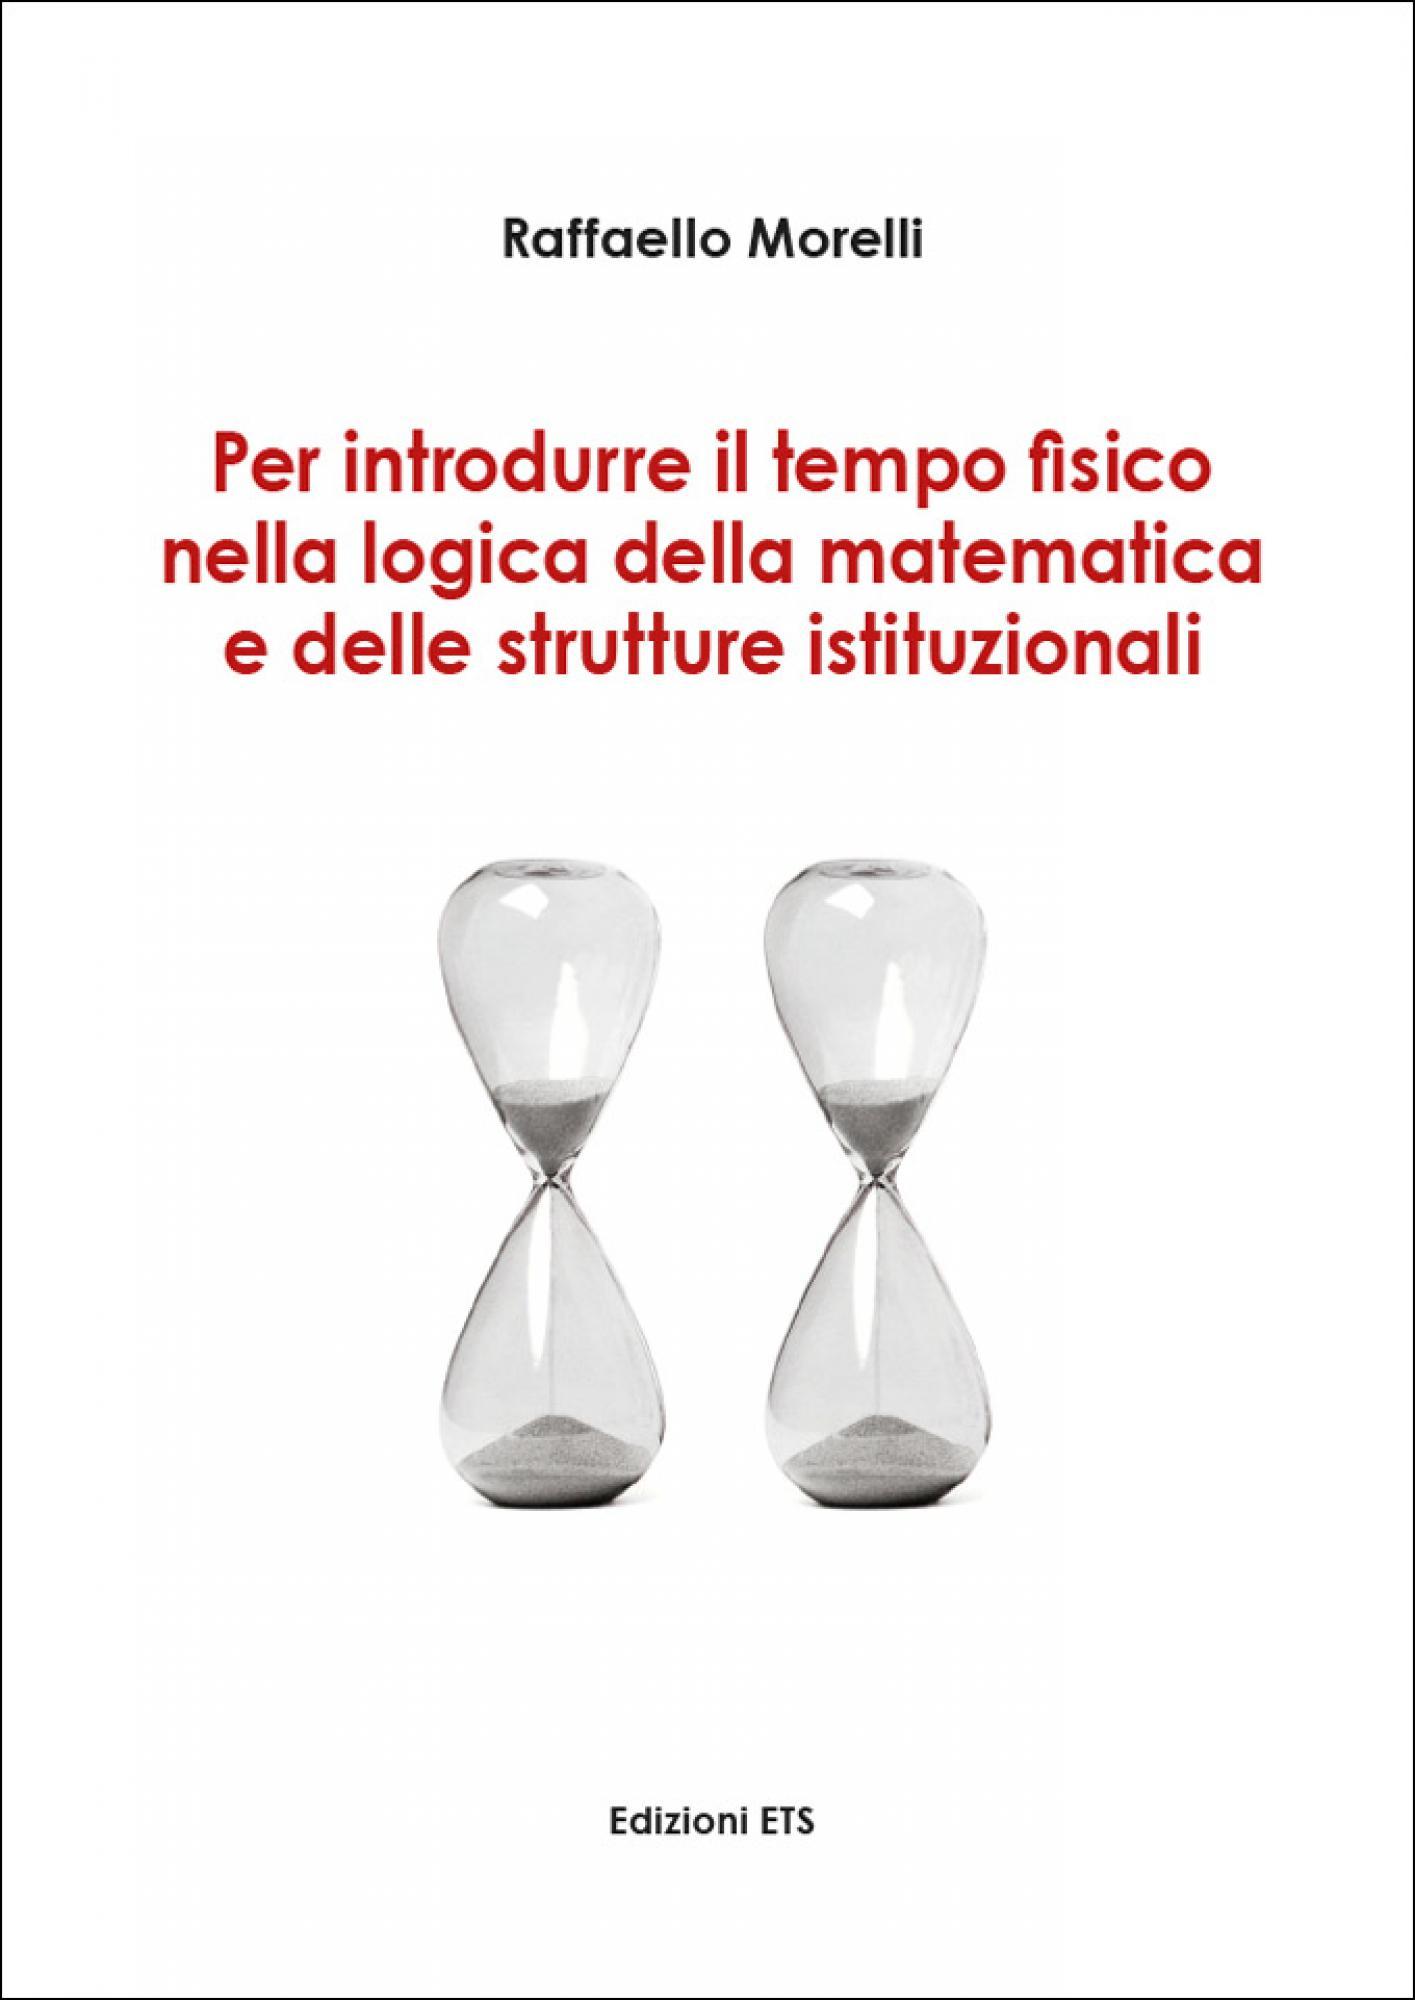 Per introdurre il tempo fisico nella logica della matematica e delle strutture istituzionali